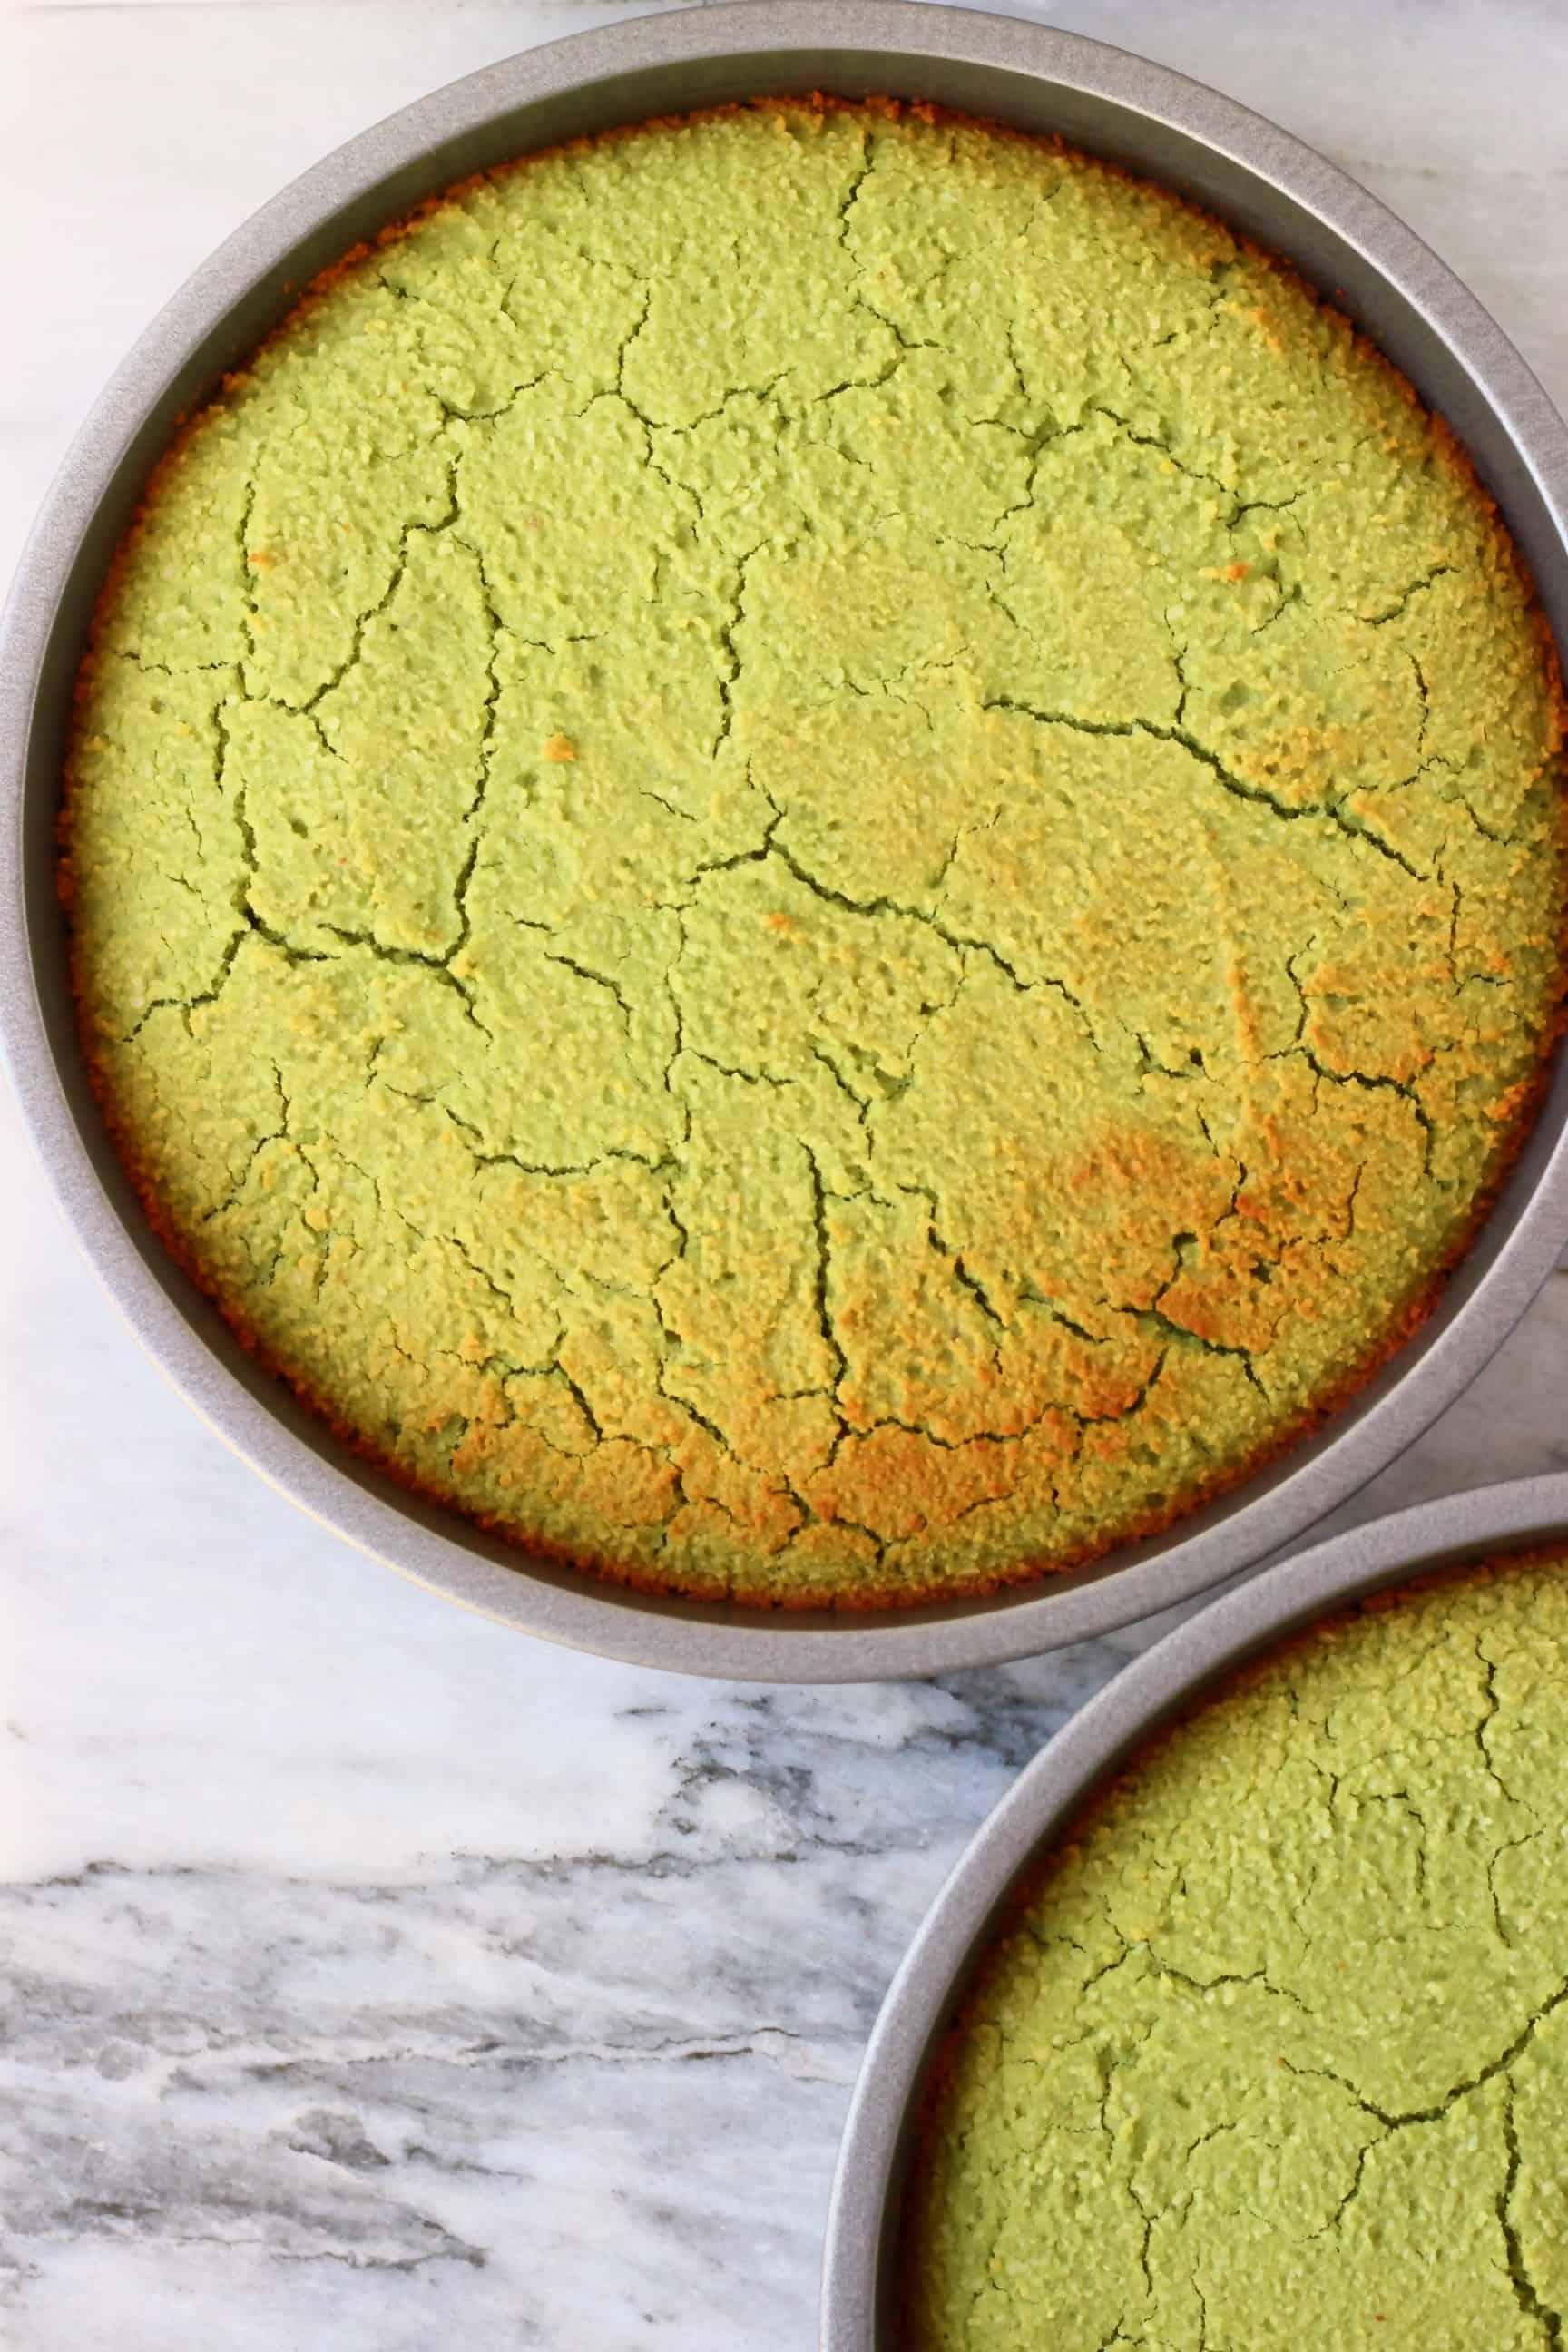 Two gluten-free vegan matcha cakes in silver baking tins